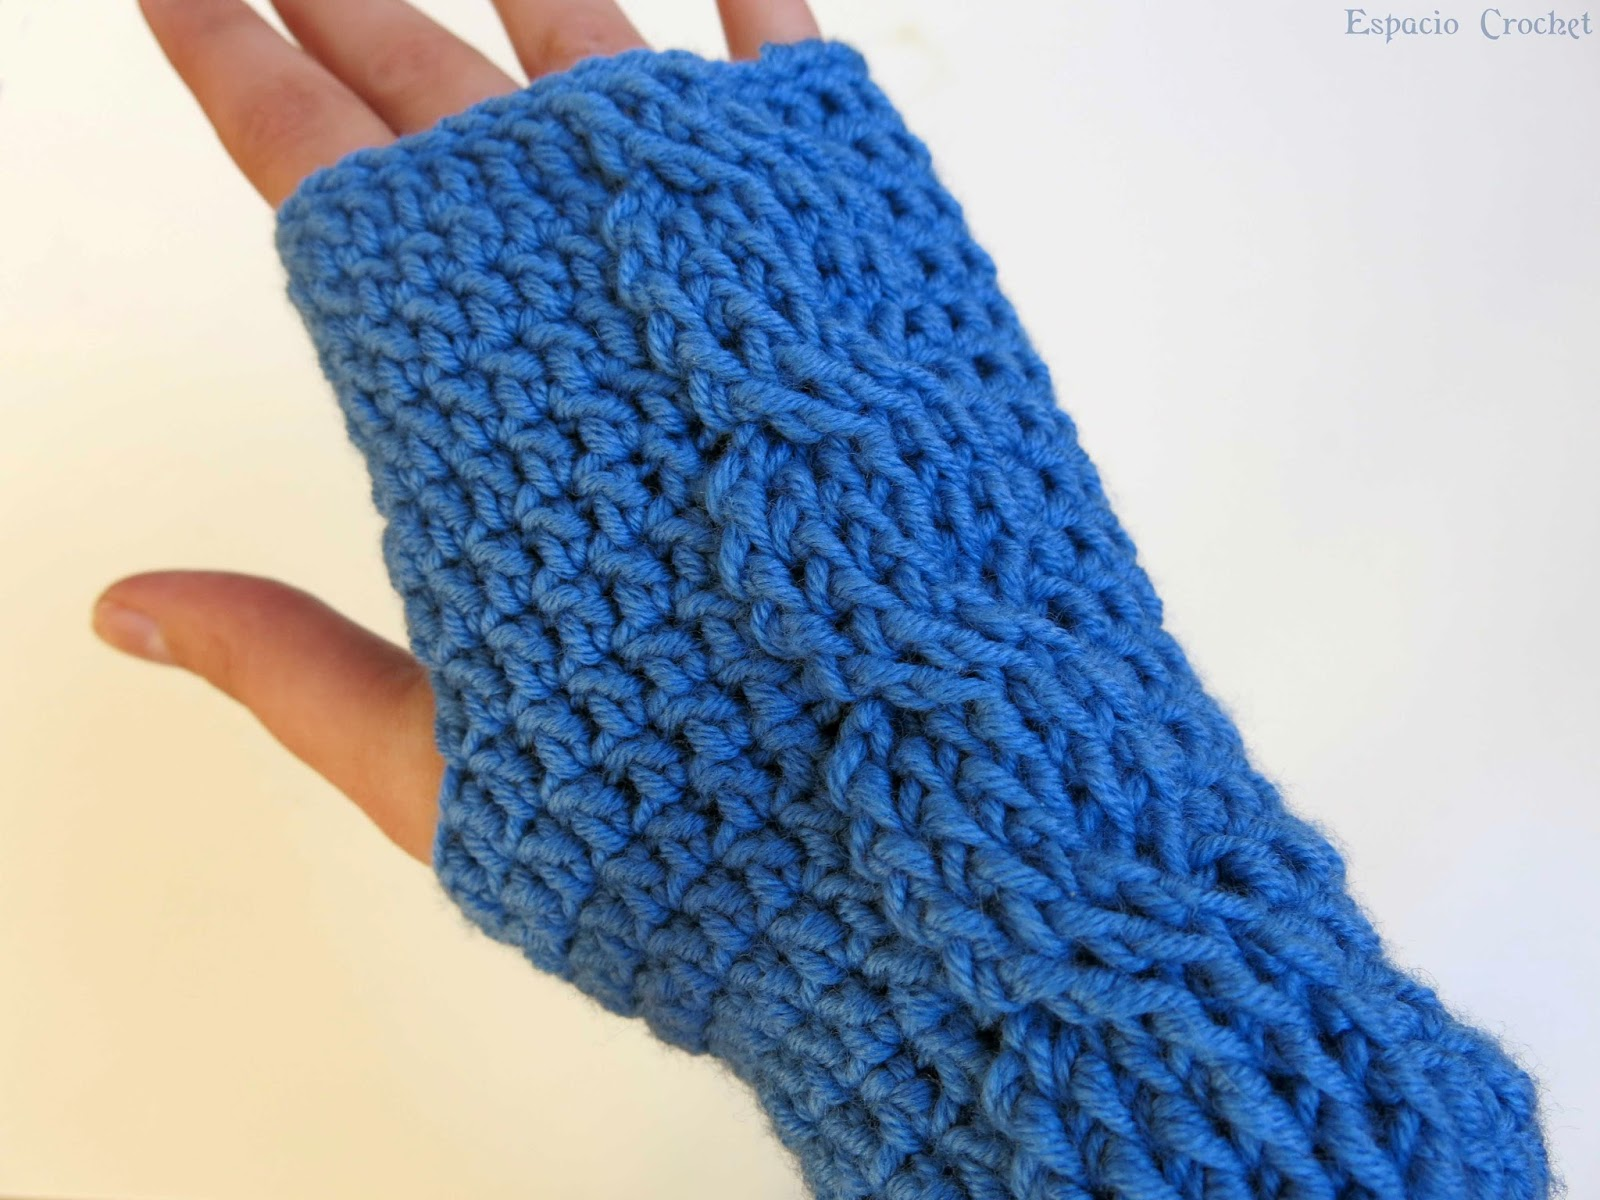 Mitones con ochos | Espacio Crochet